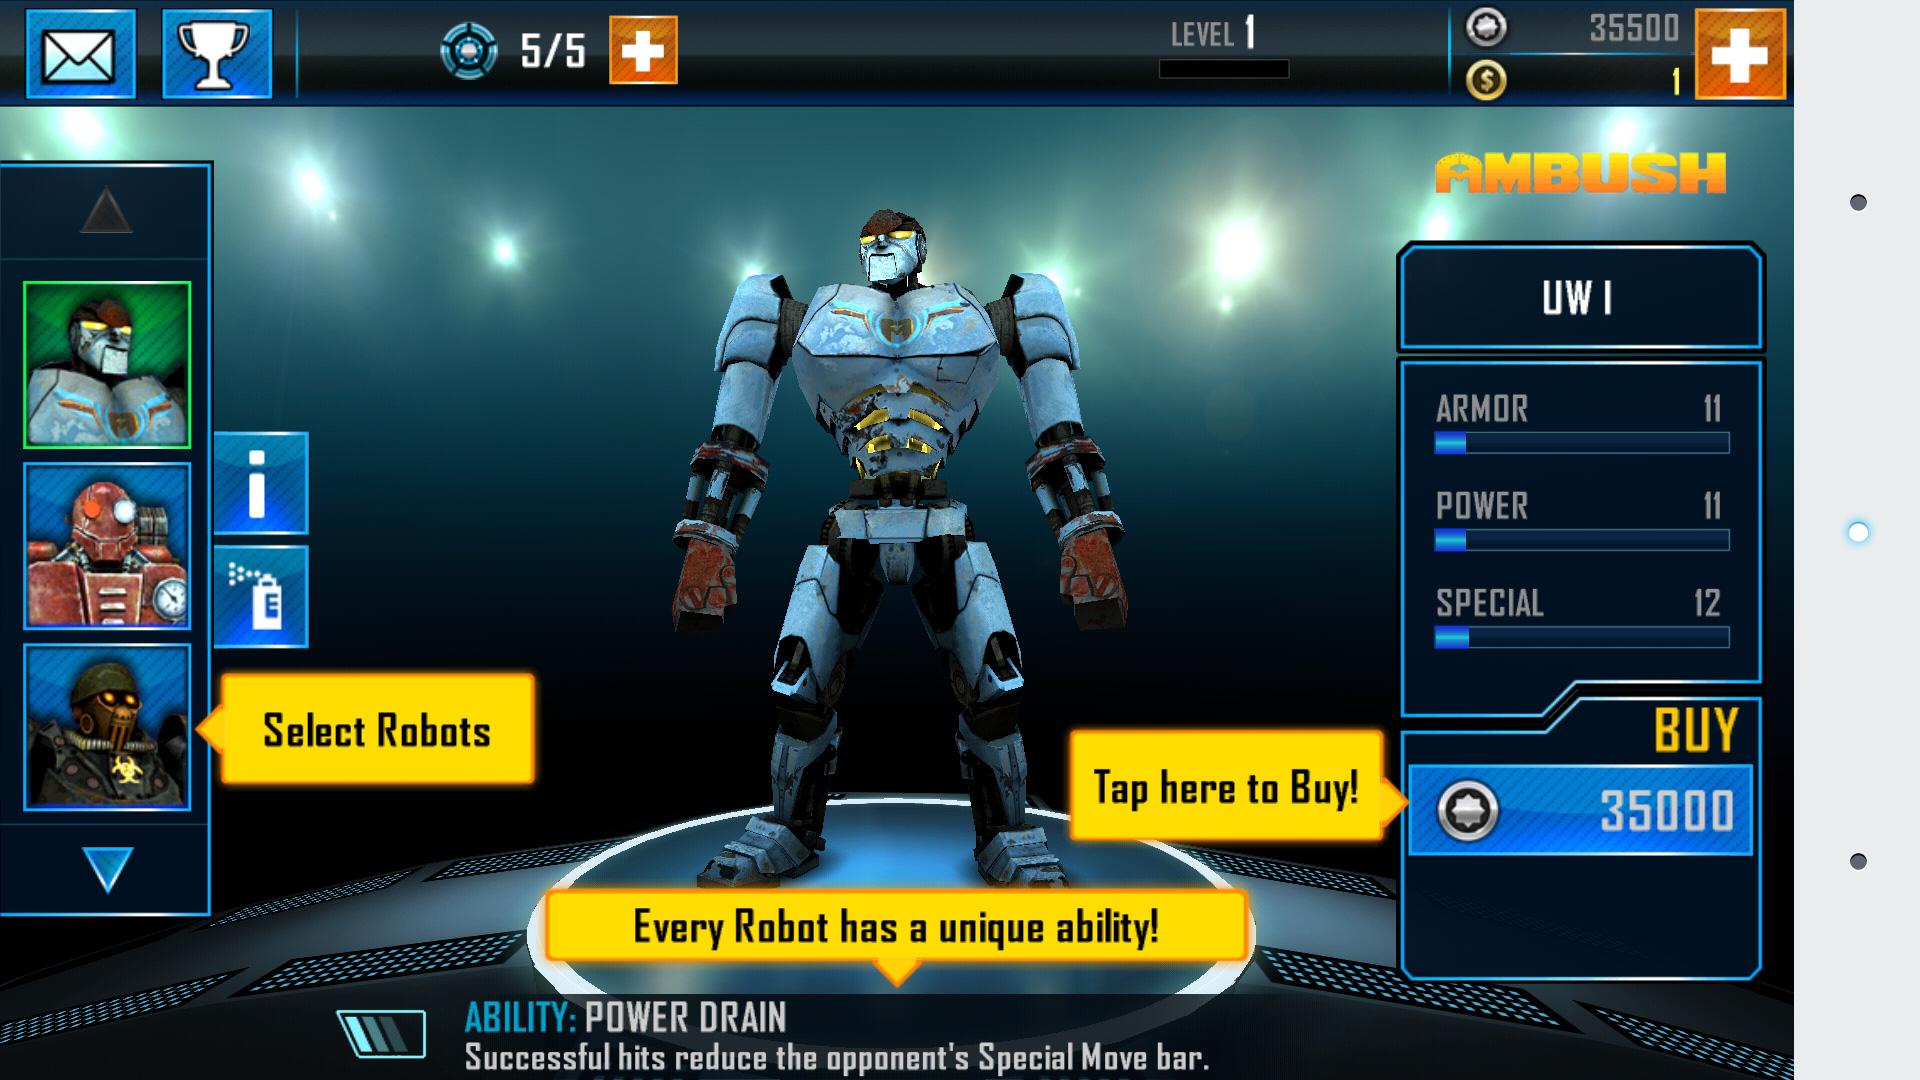 Скачать игру реальная сталь для андроид бесплатно